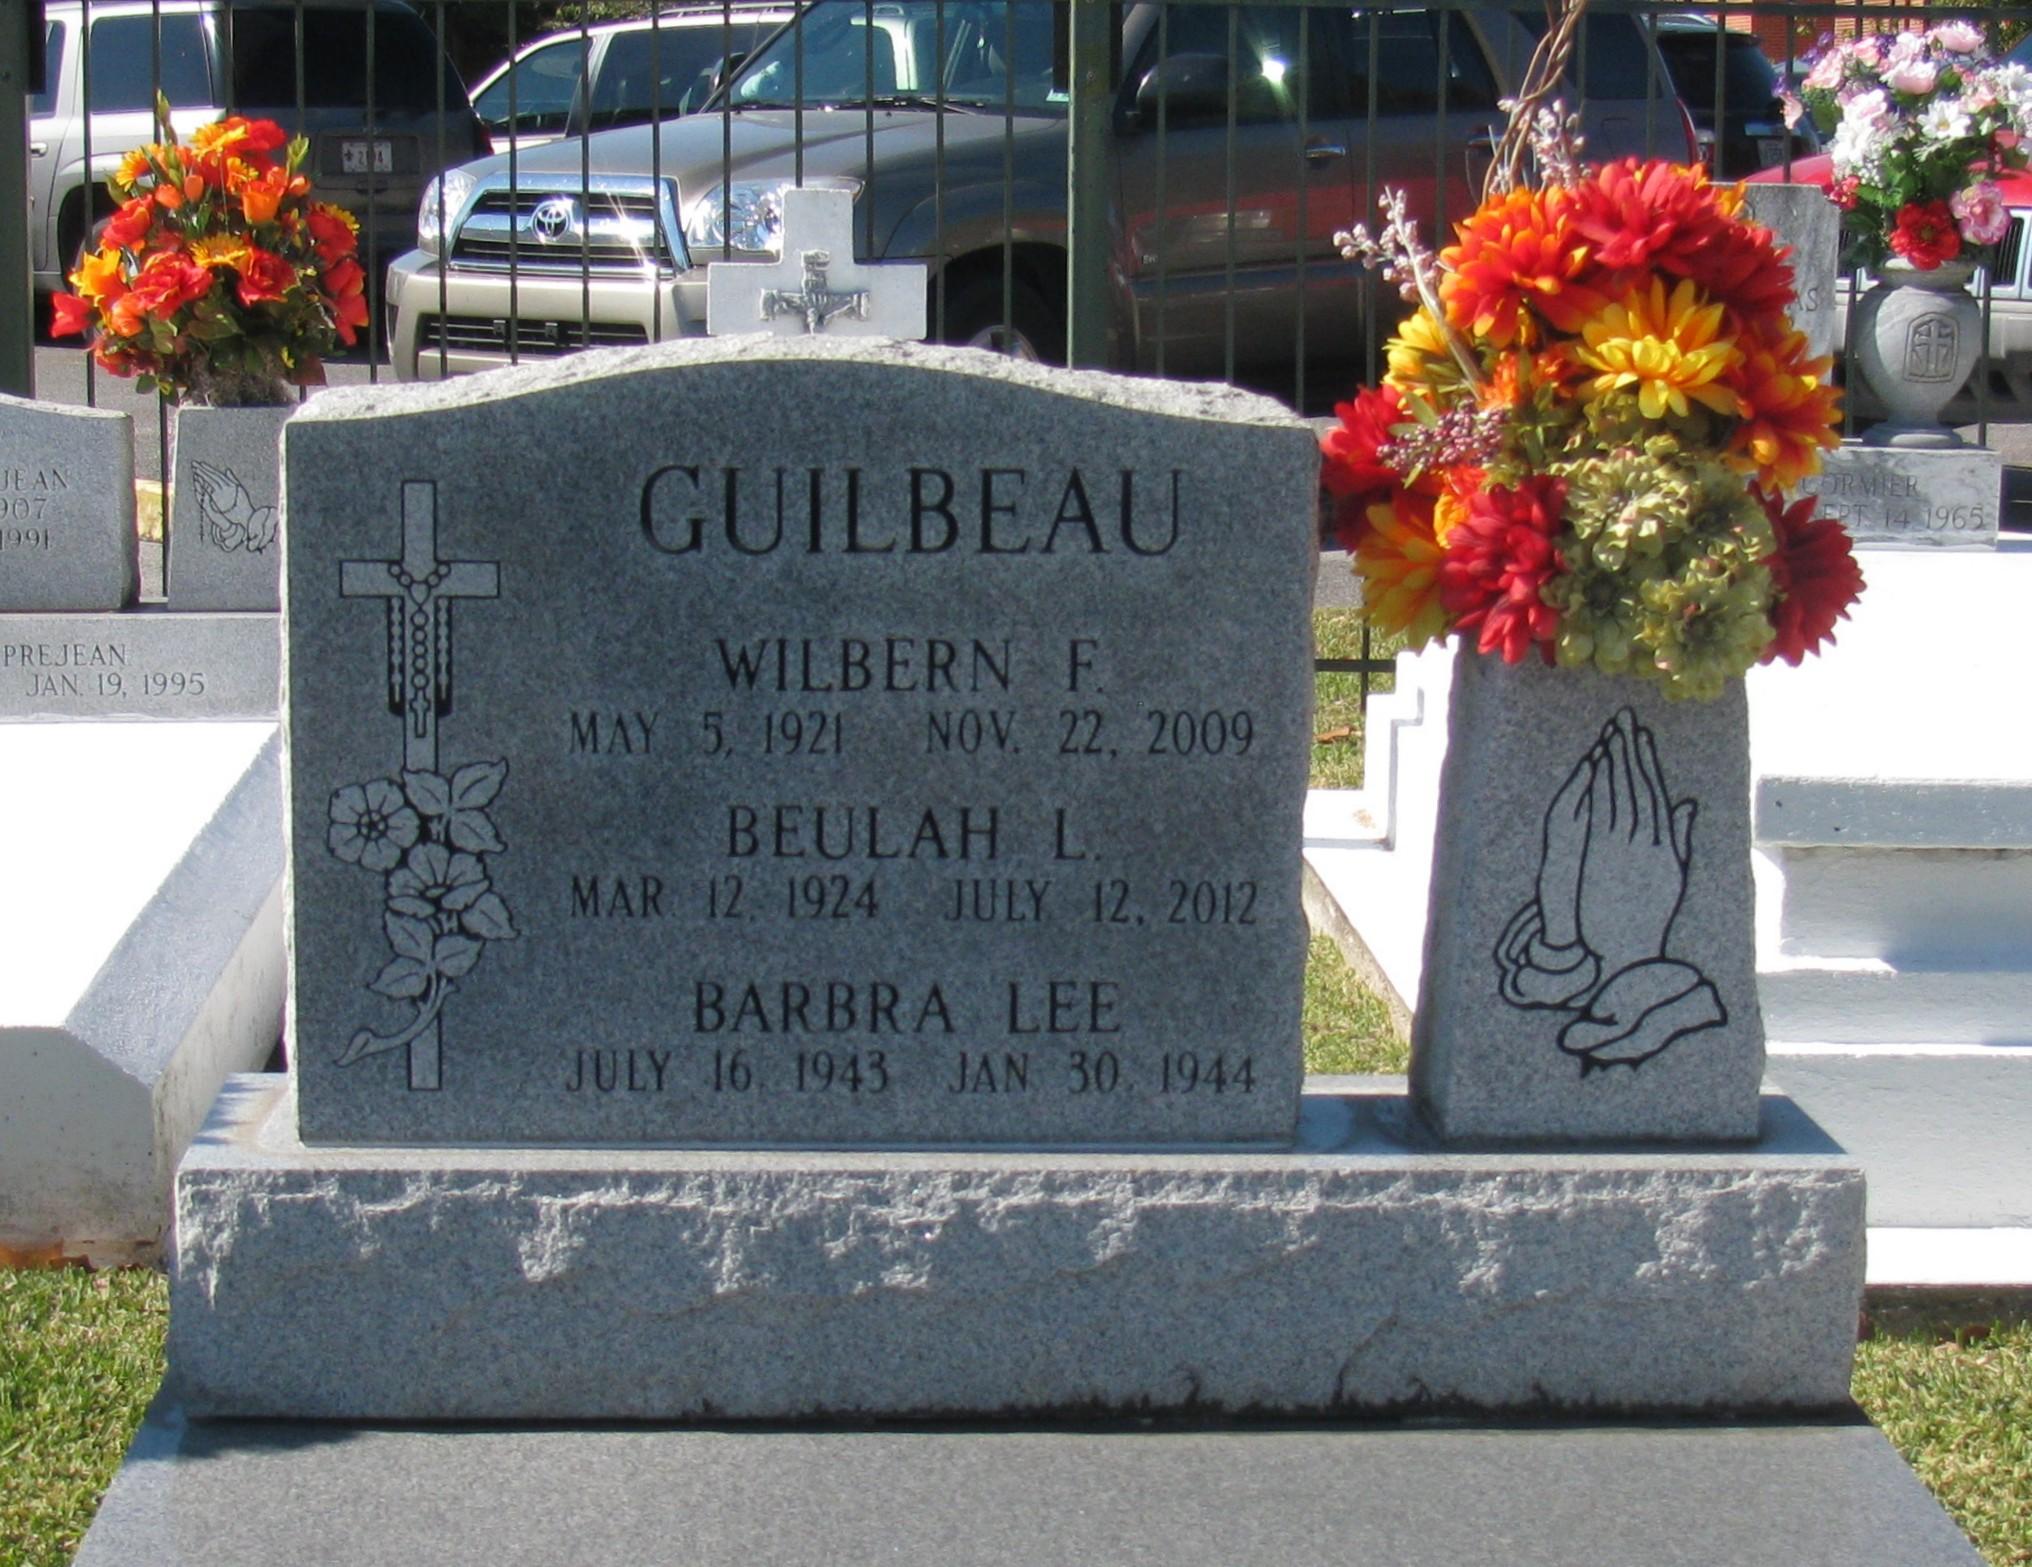 Barbara Lee Guilbeau